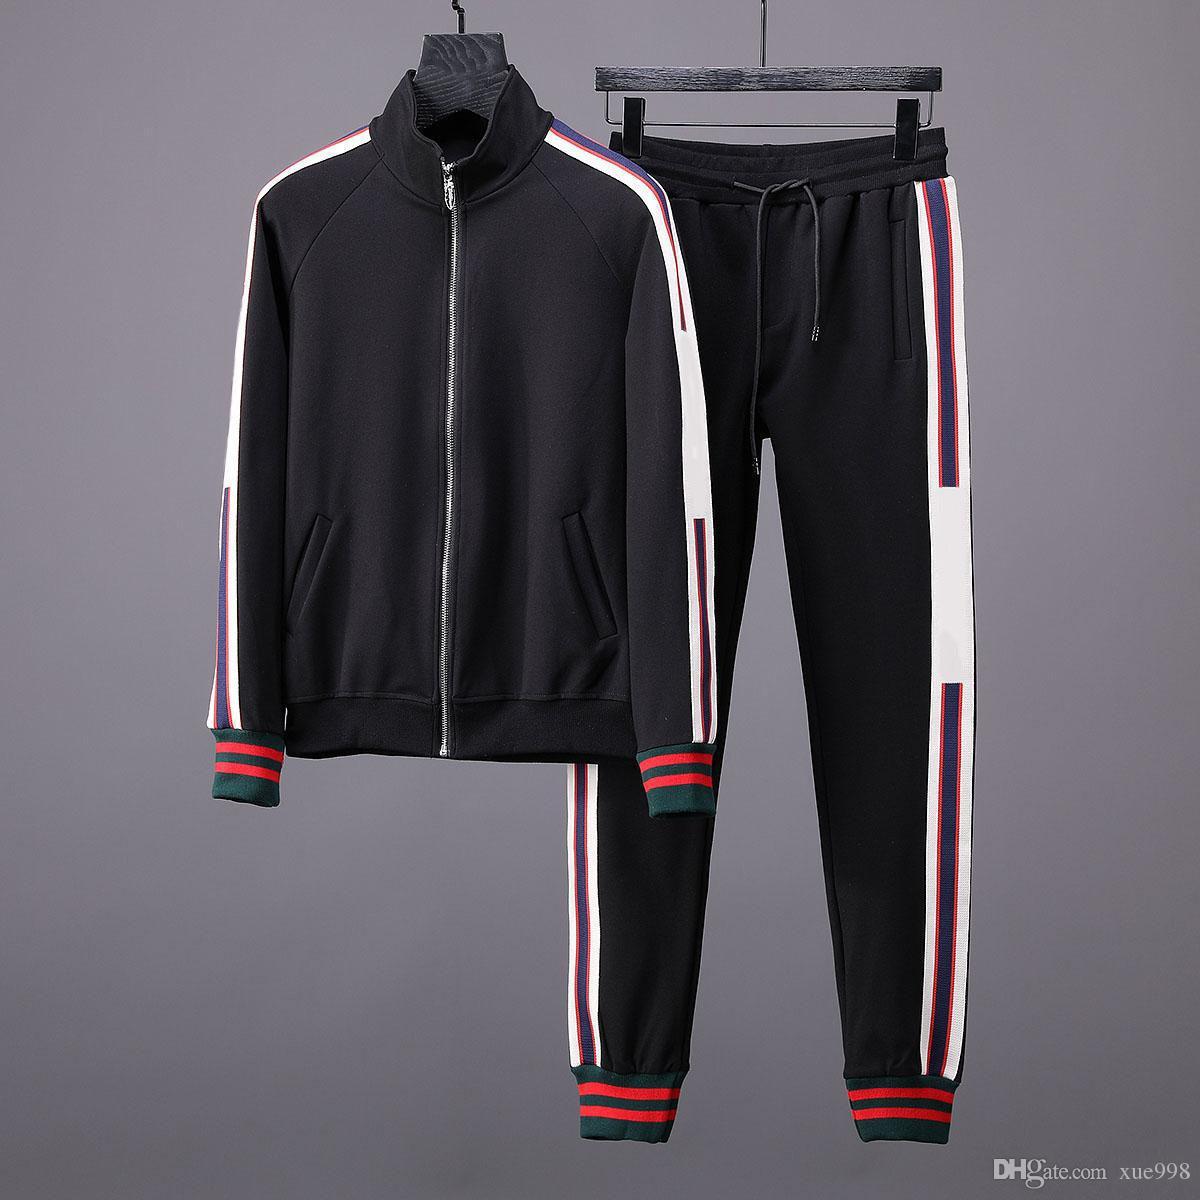 Compre Ropa Deportiva Para Hombres Calientes Pantalones Y Chaquetas Otoño  Invierno Nuevo Conjunto Deportivo Para Correr Conjunto Deportivo Para Hombre  ... b46a6bfa1cb